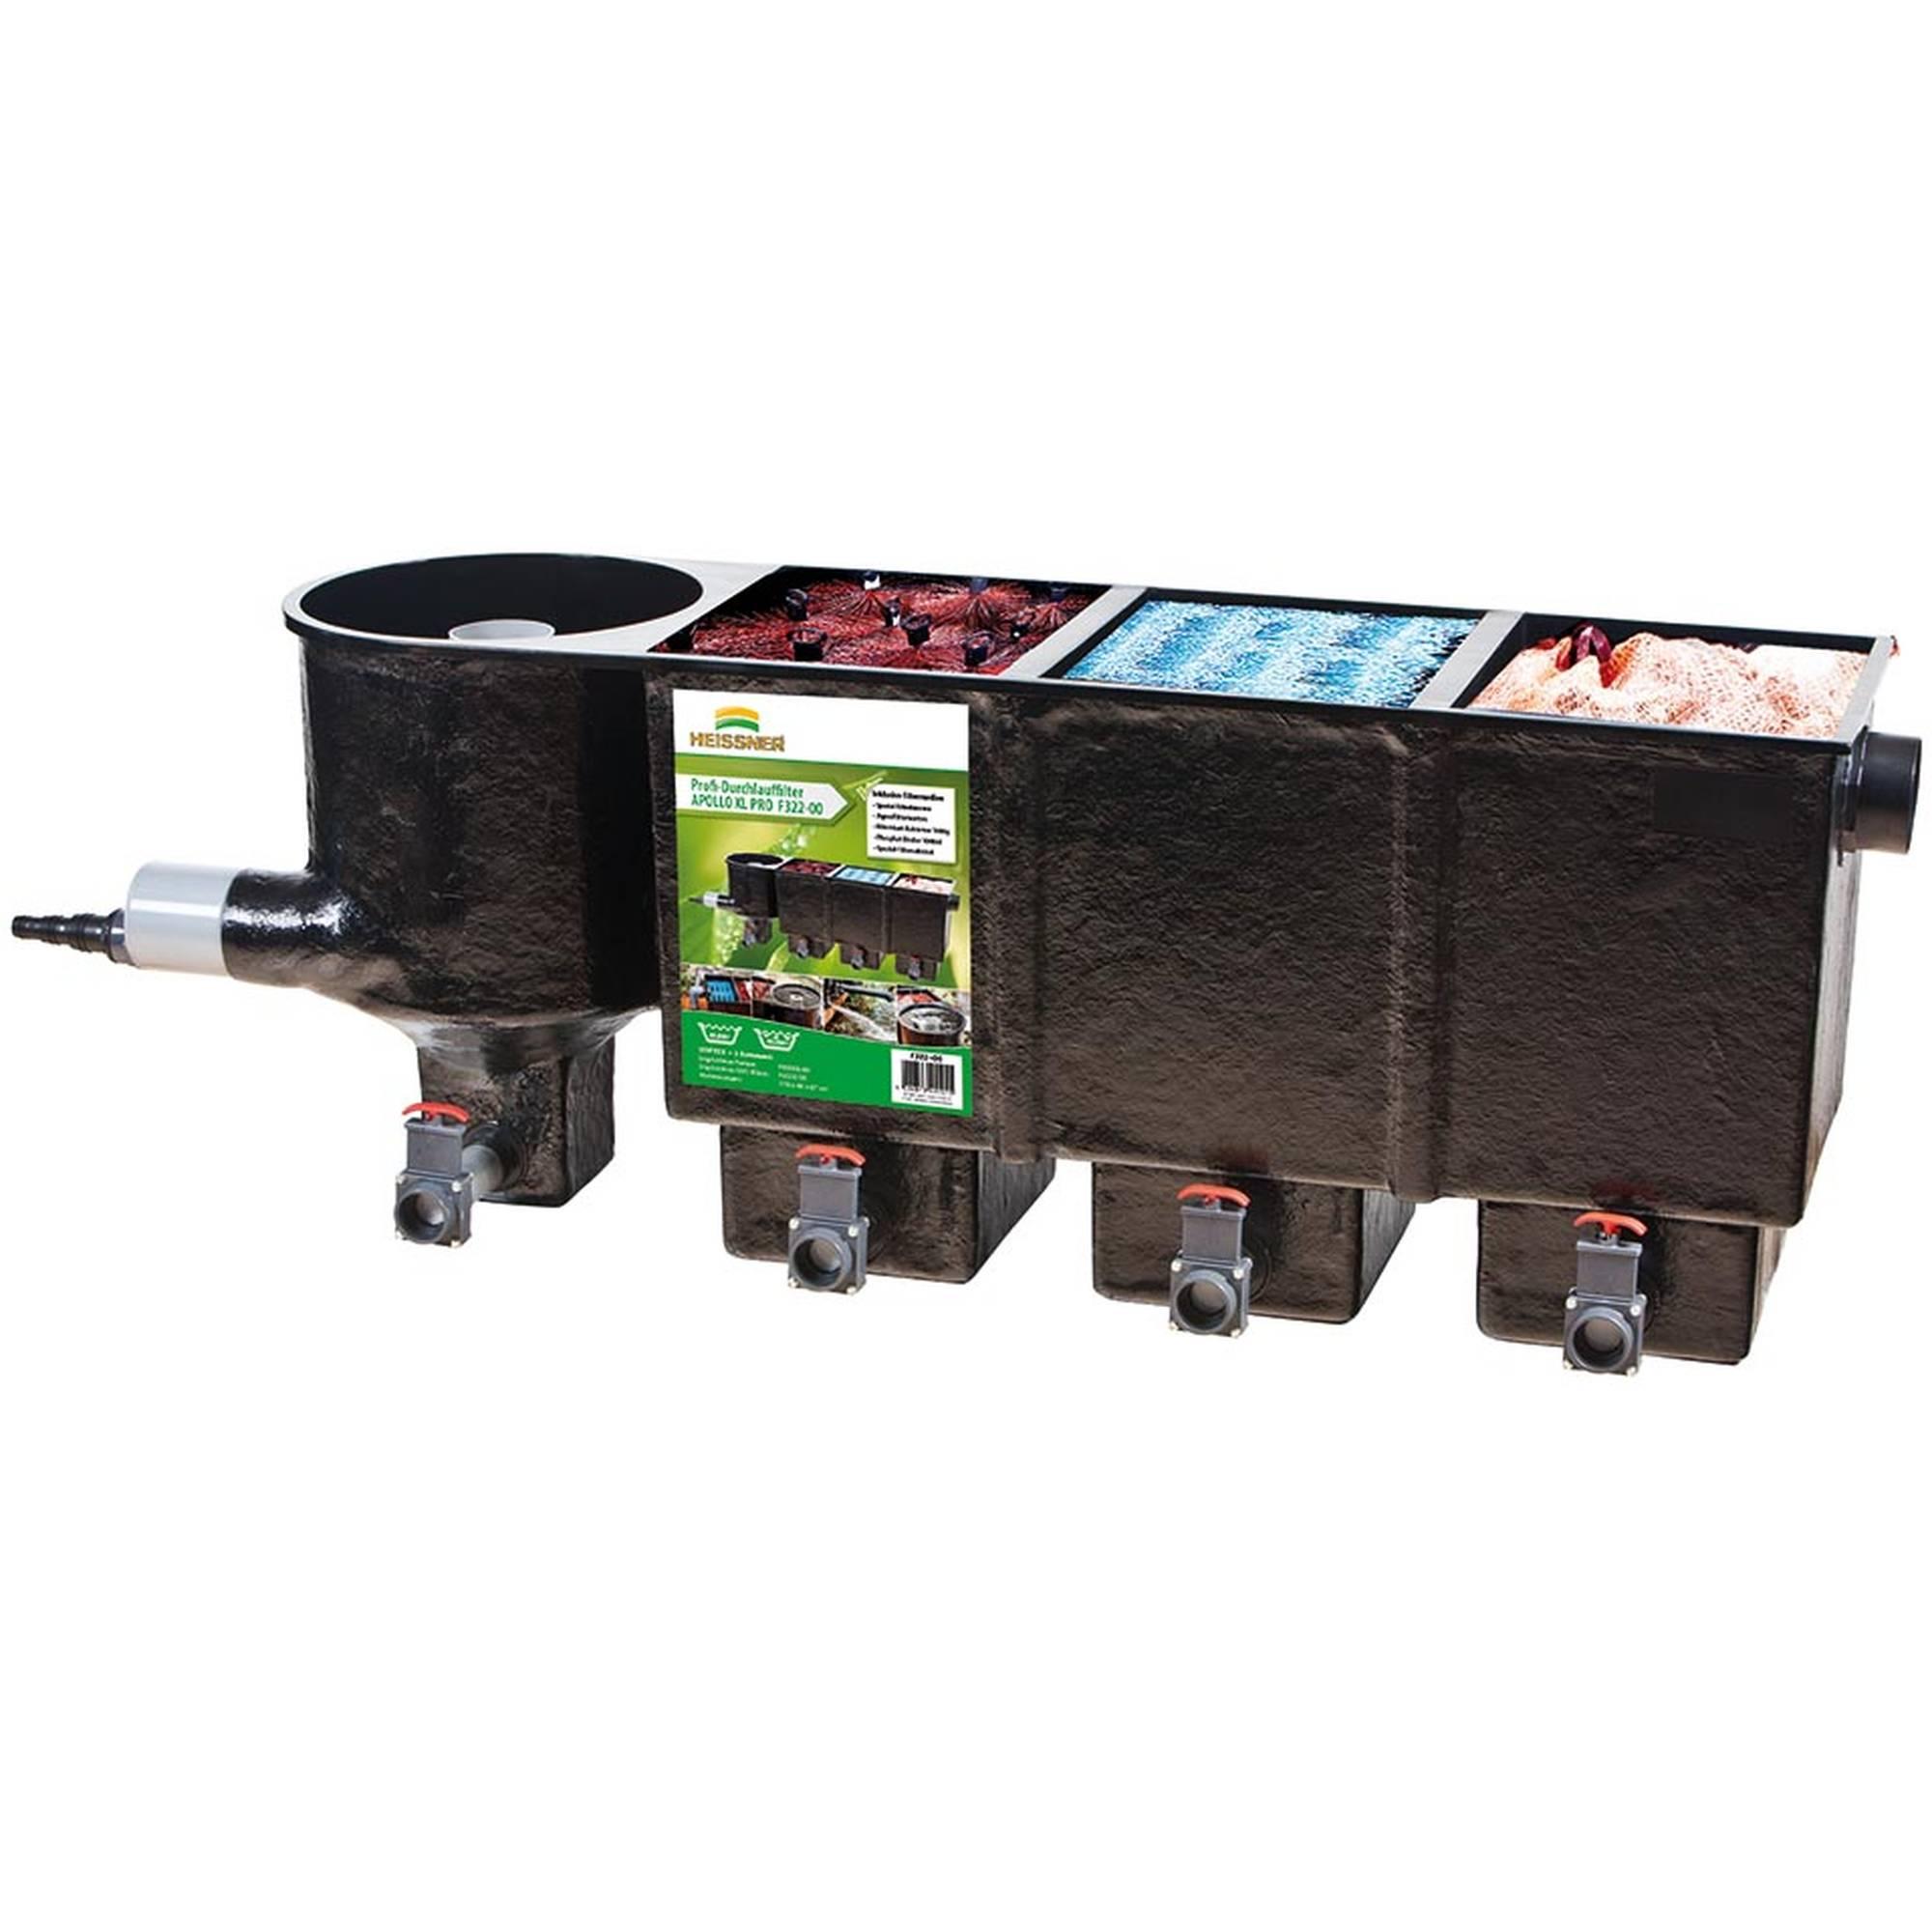 Teichfilter APOLLO XL mit Vortex und 3 Filterkammern, bestückt